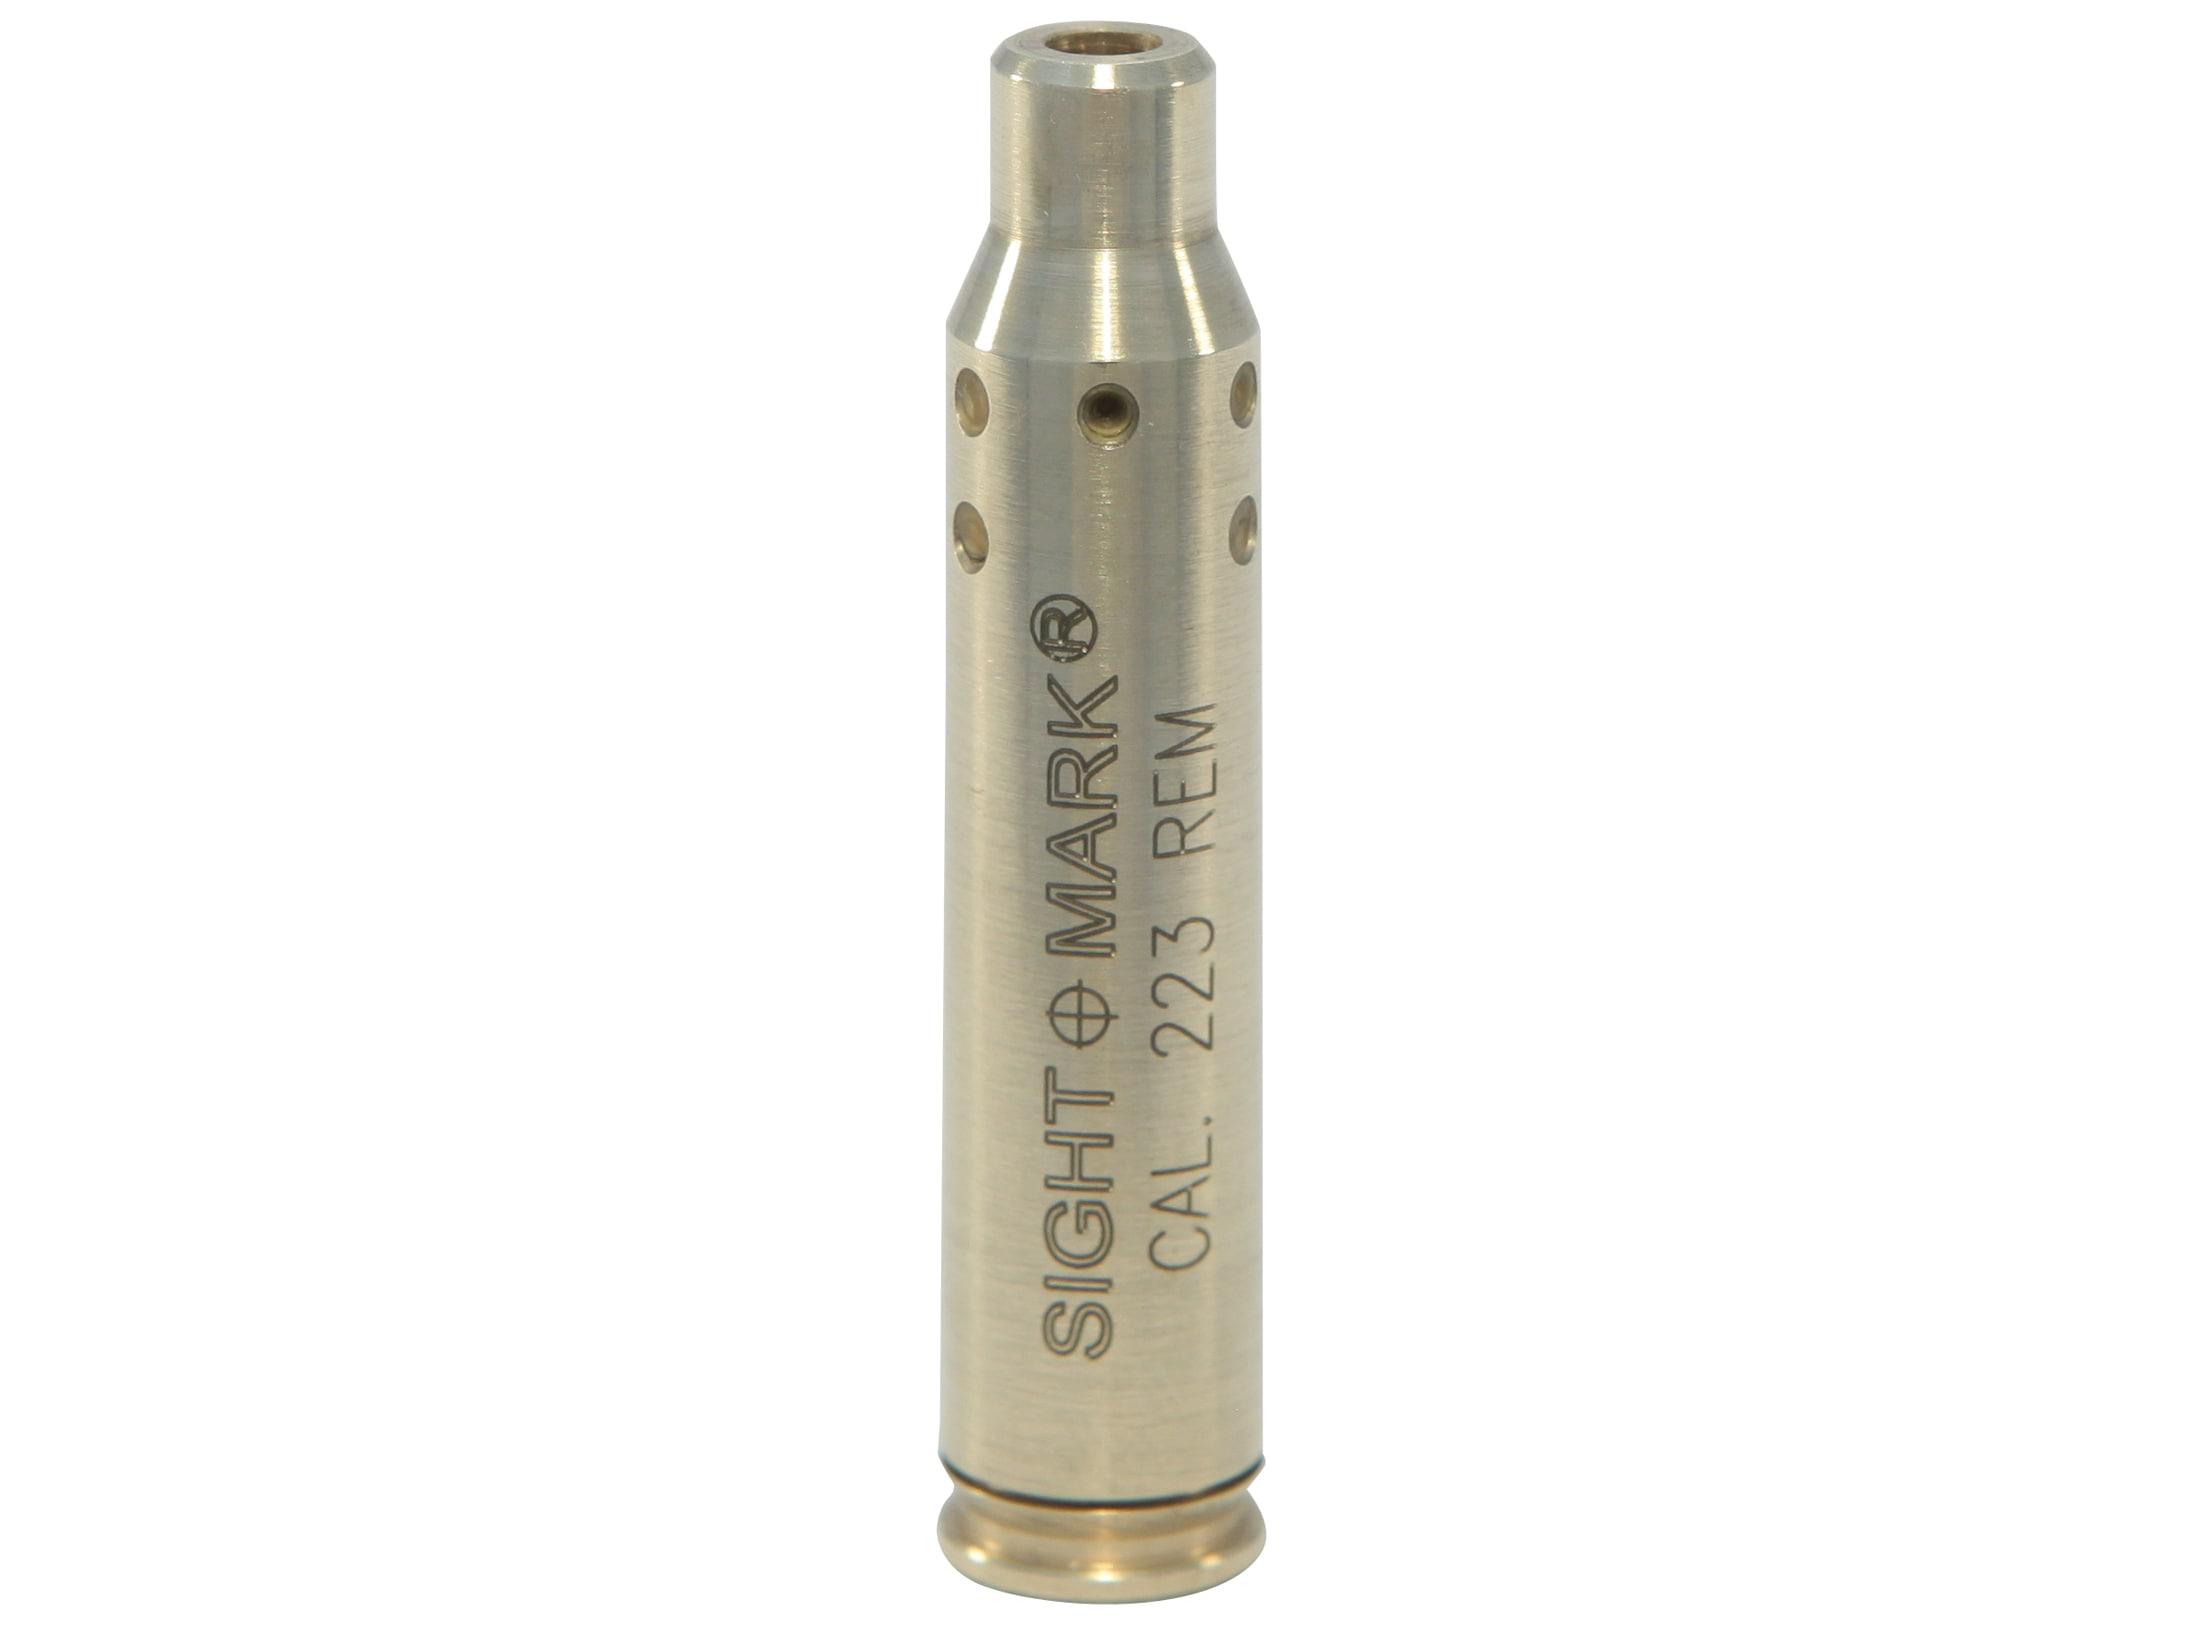 Laser Bore Sighter 20GA Cartridge Rifle Shooting 20G Gauge Red Dot Boresighter